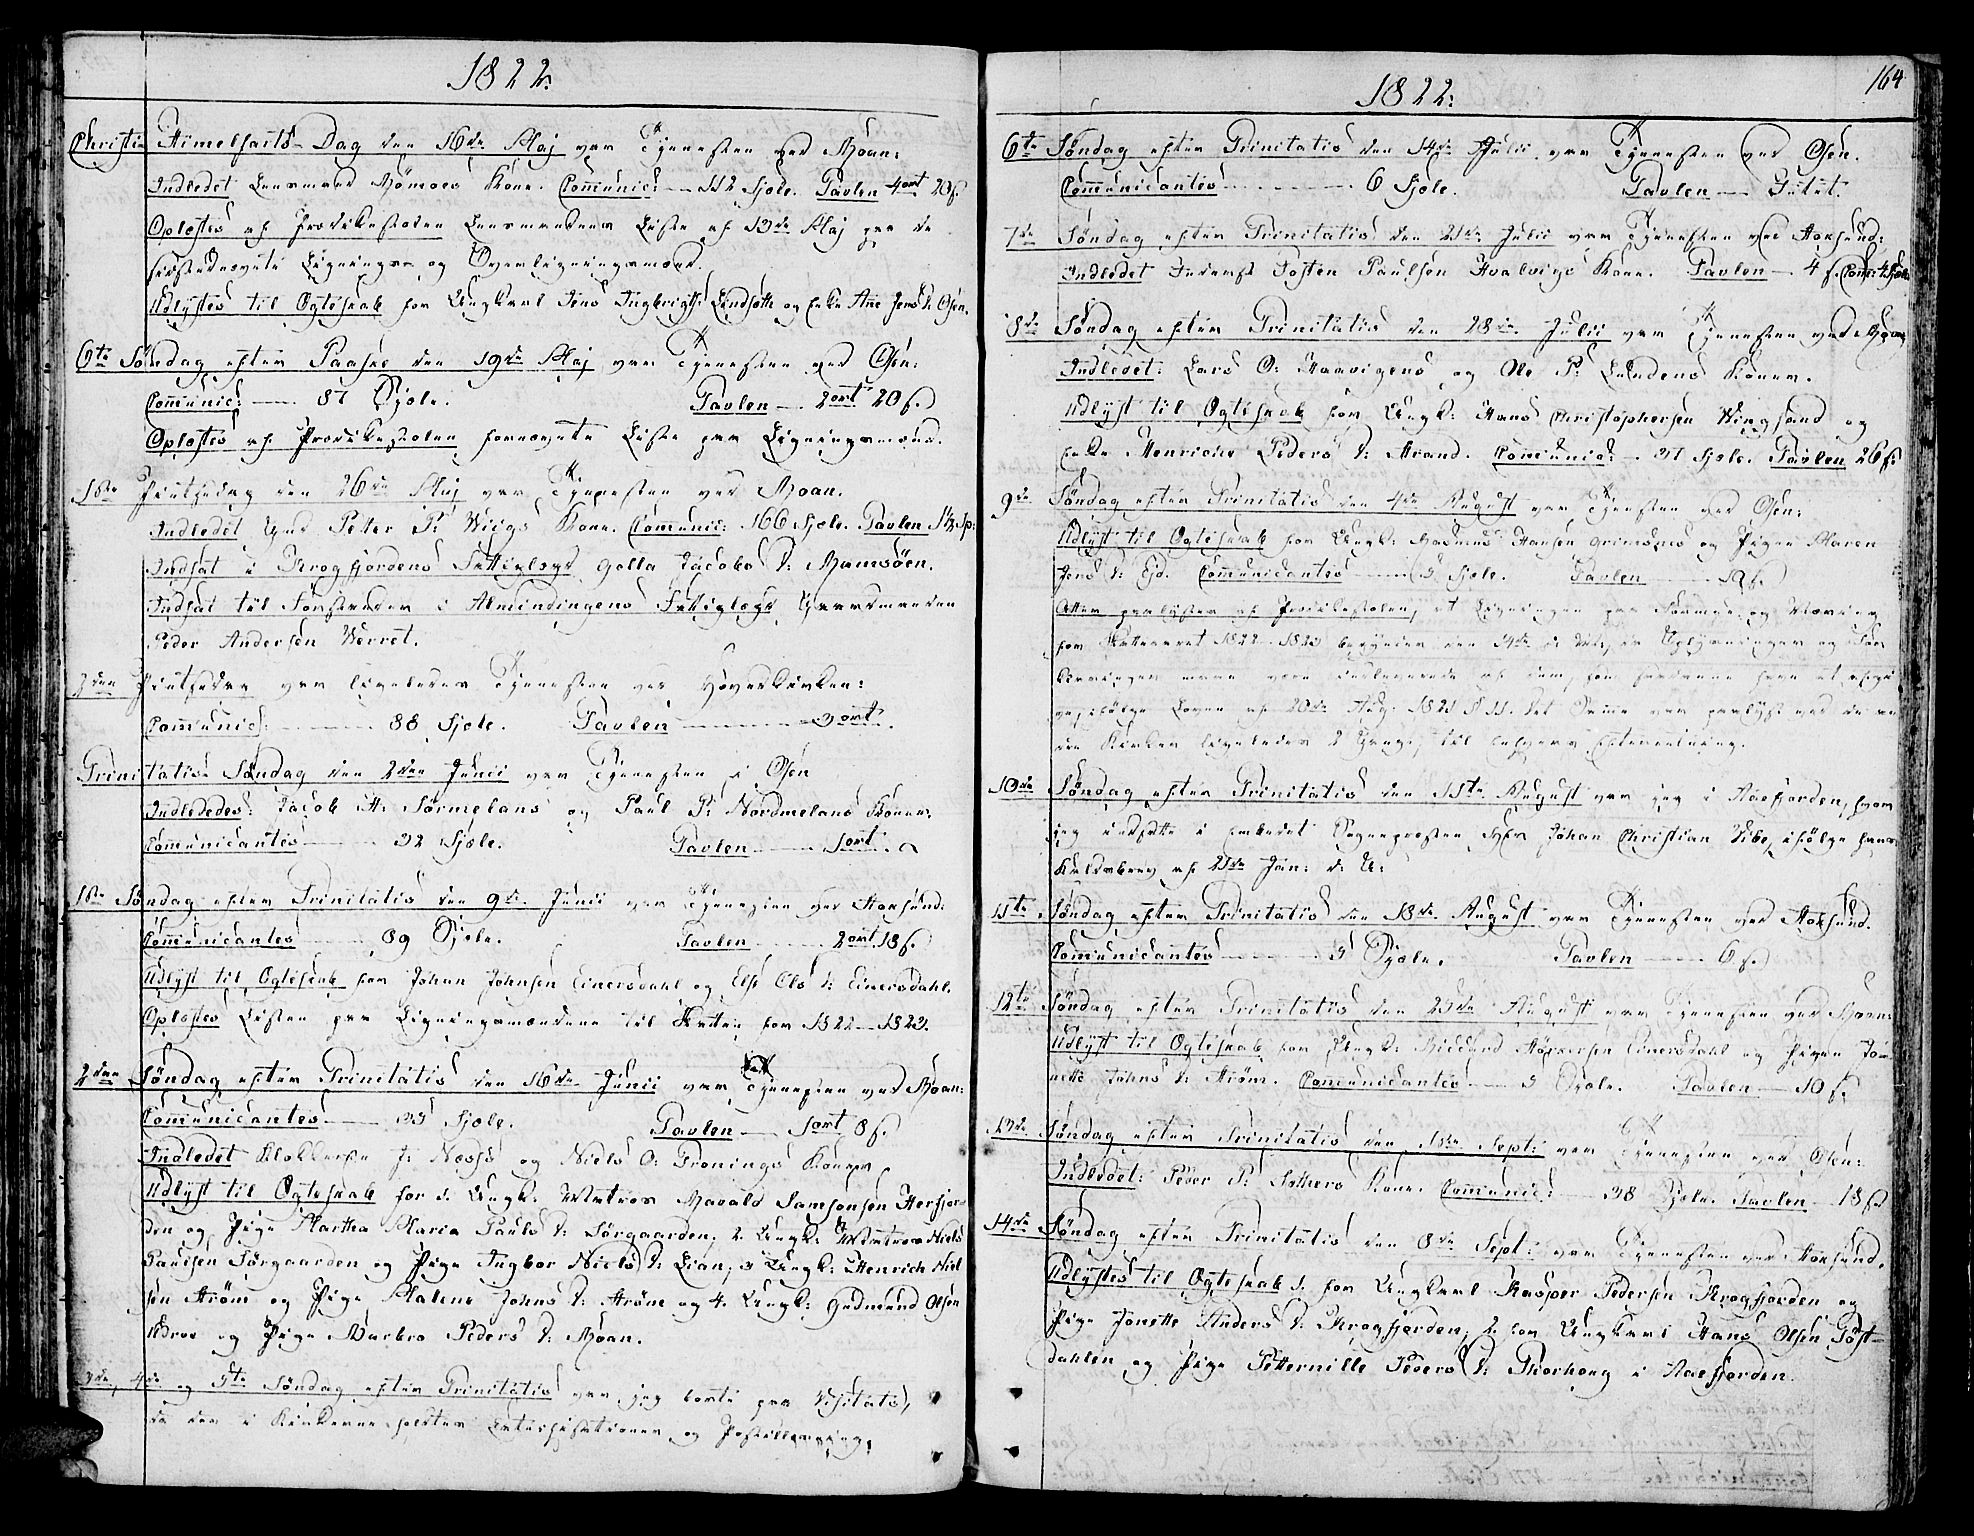 SAT, Ministerialprotokoller, klokkerbøker og fødselsregistre - Sør-Trøndelag, 657/L0701: Ministerialbok nr. 657A02, 1802-1831, s. 164